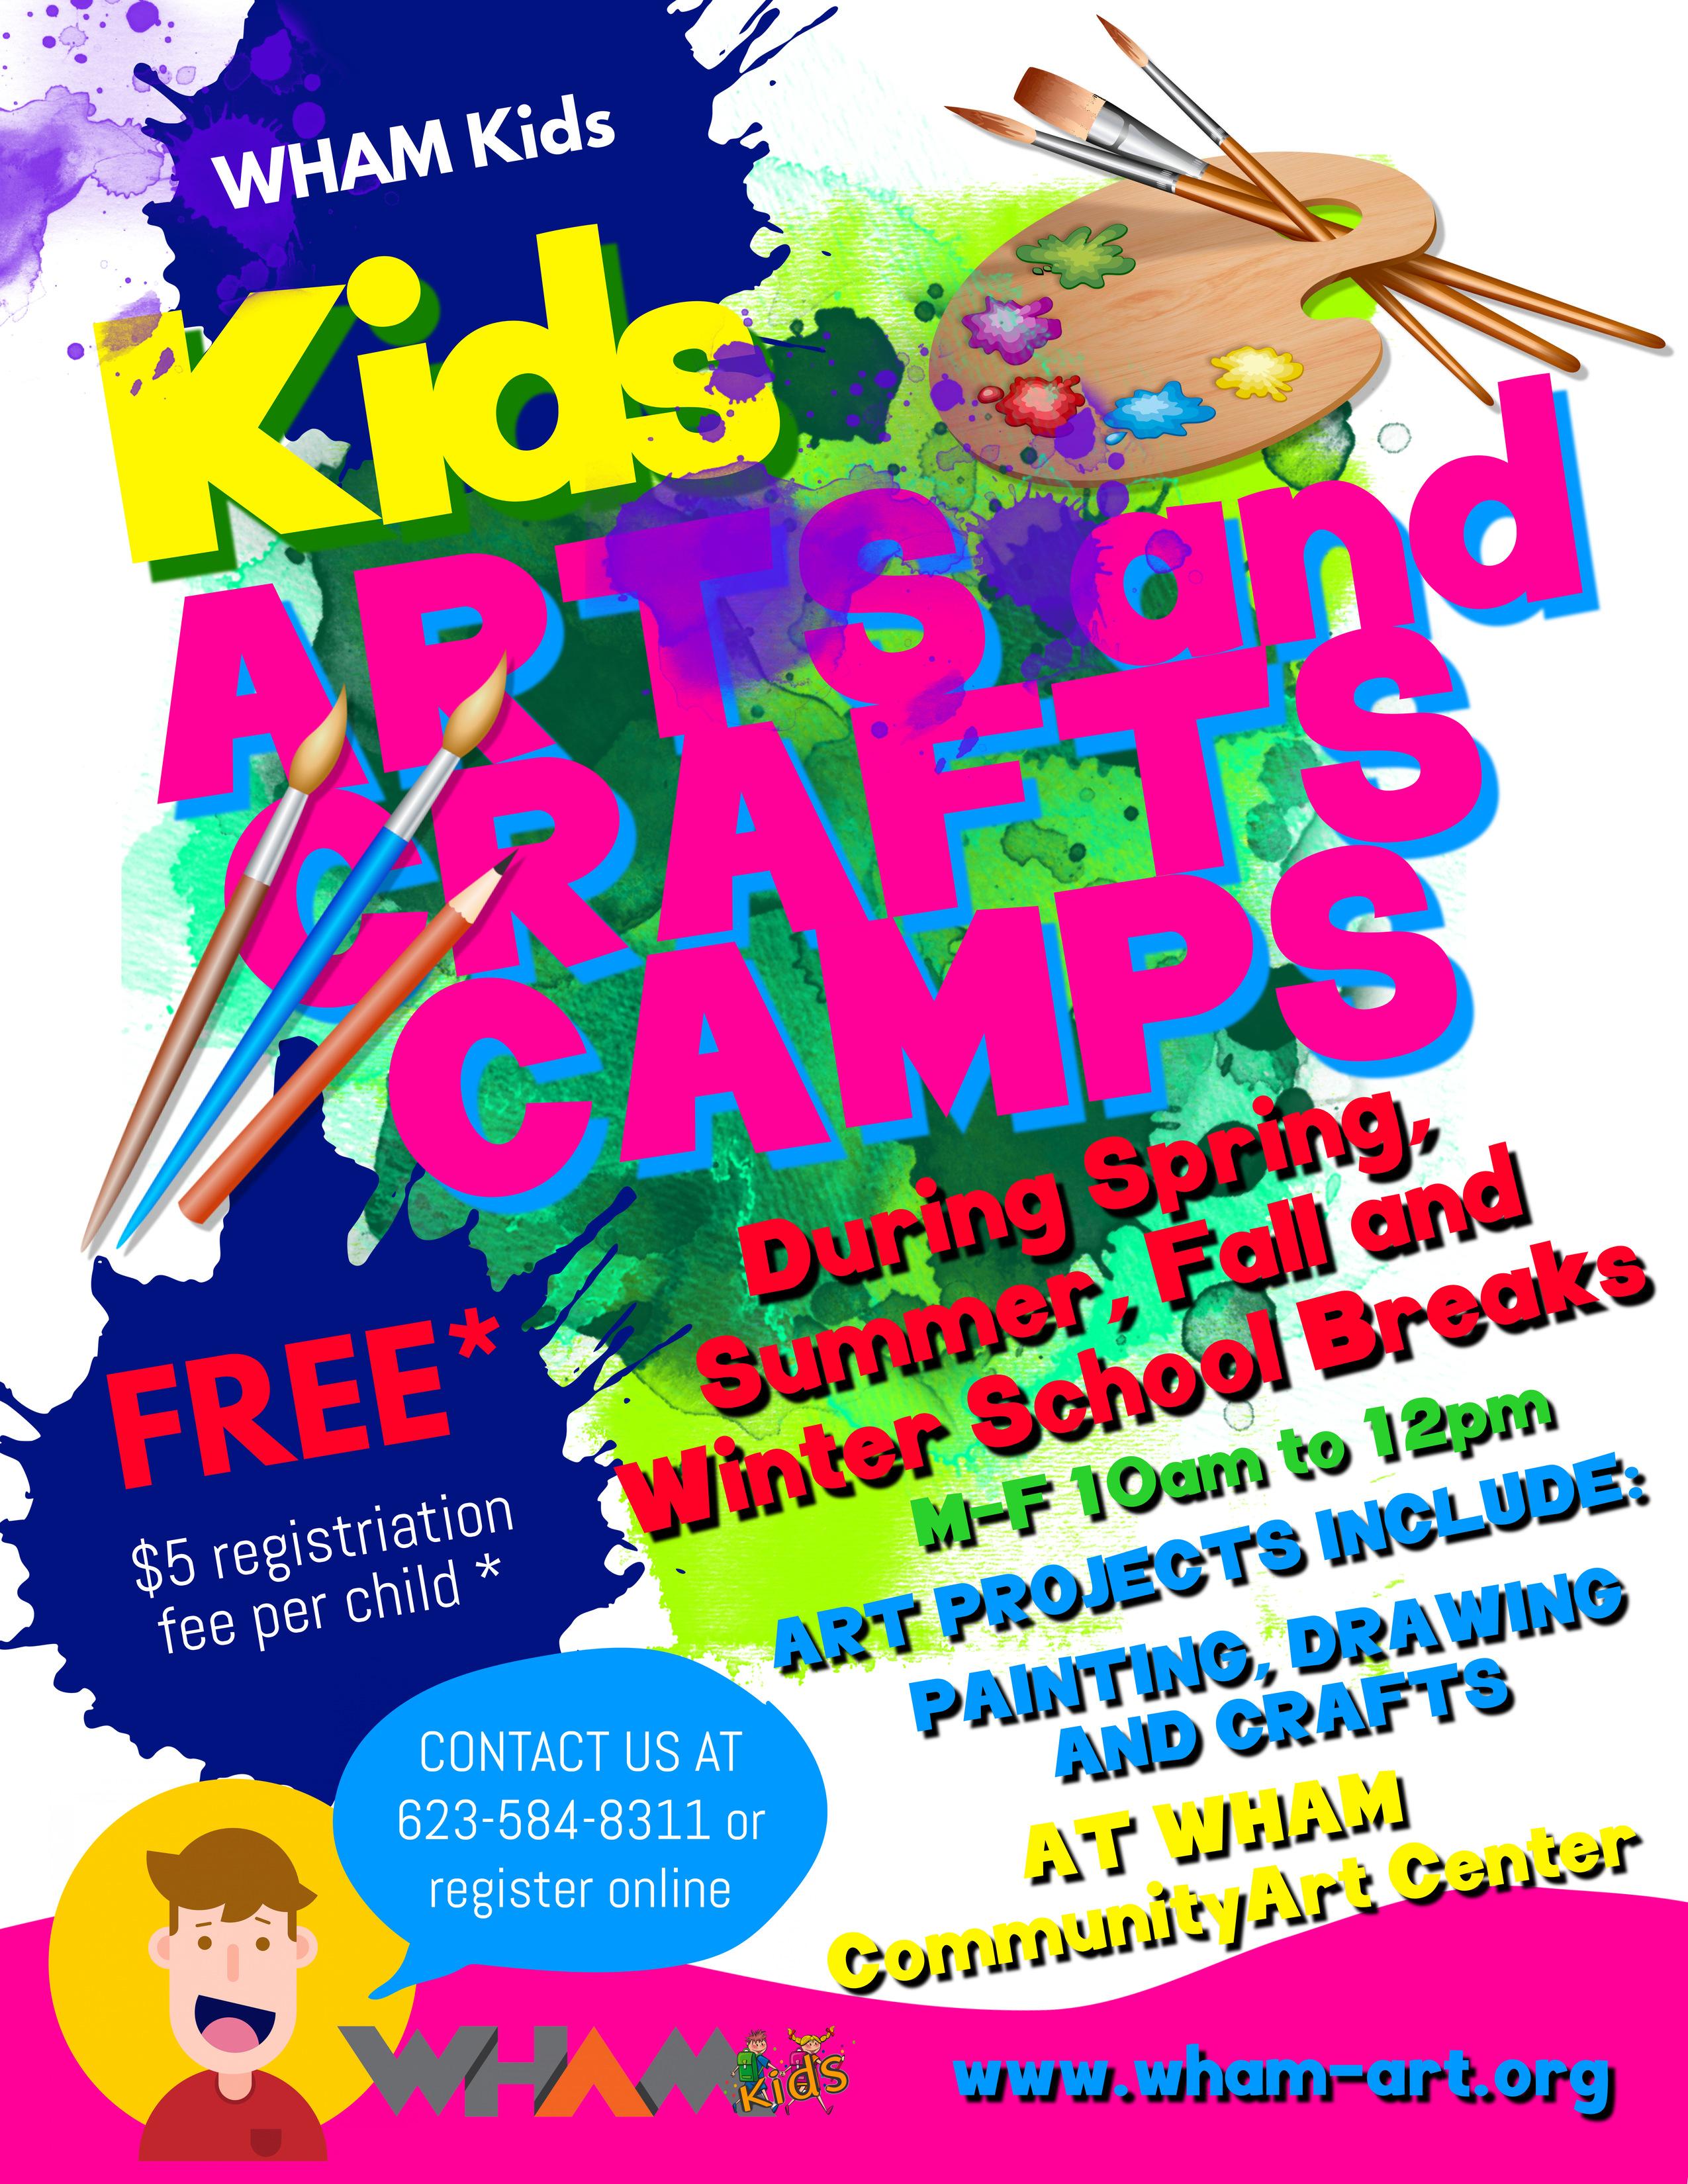 Art_Camp_Flyer_WHAM_Kids